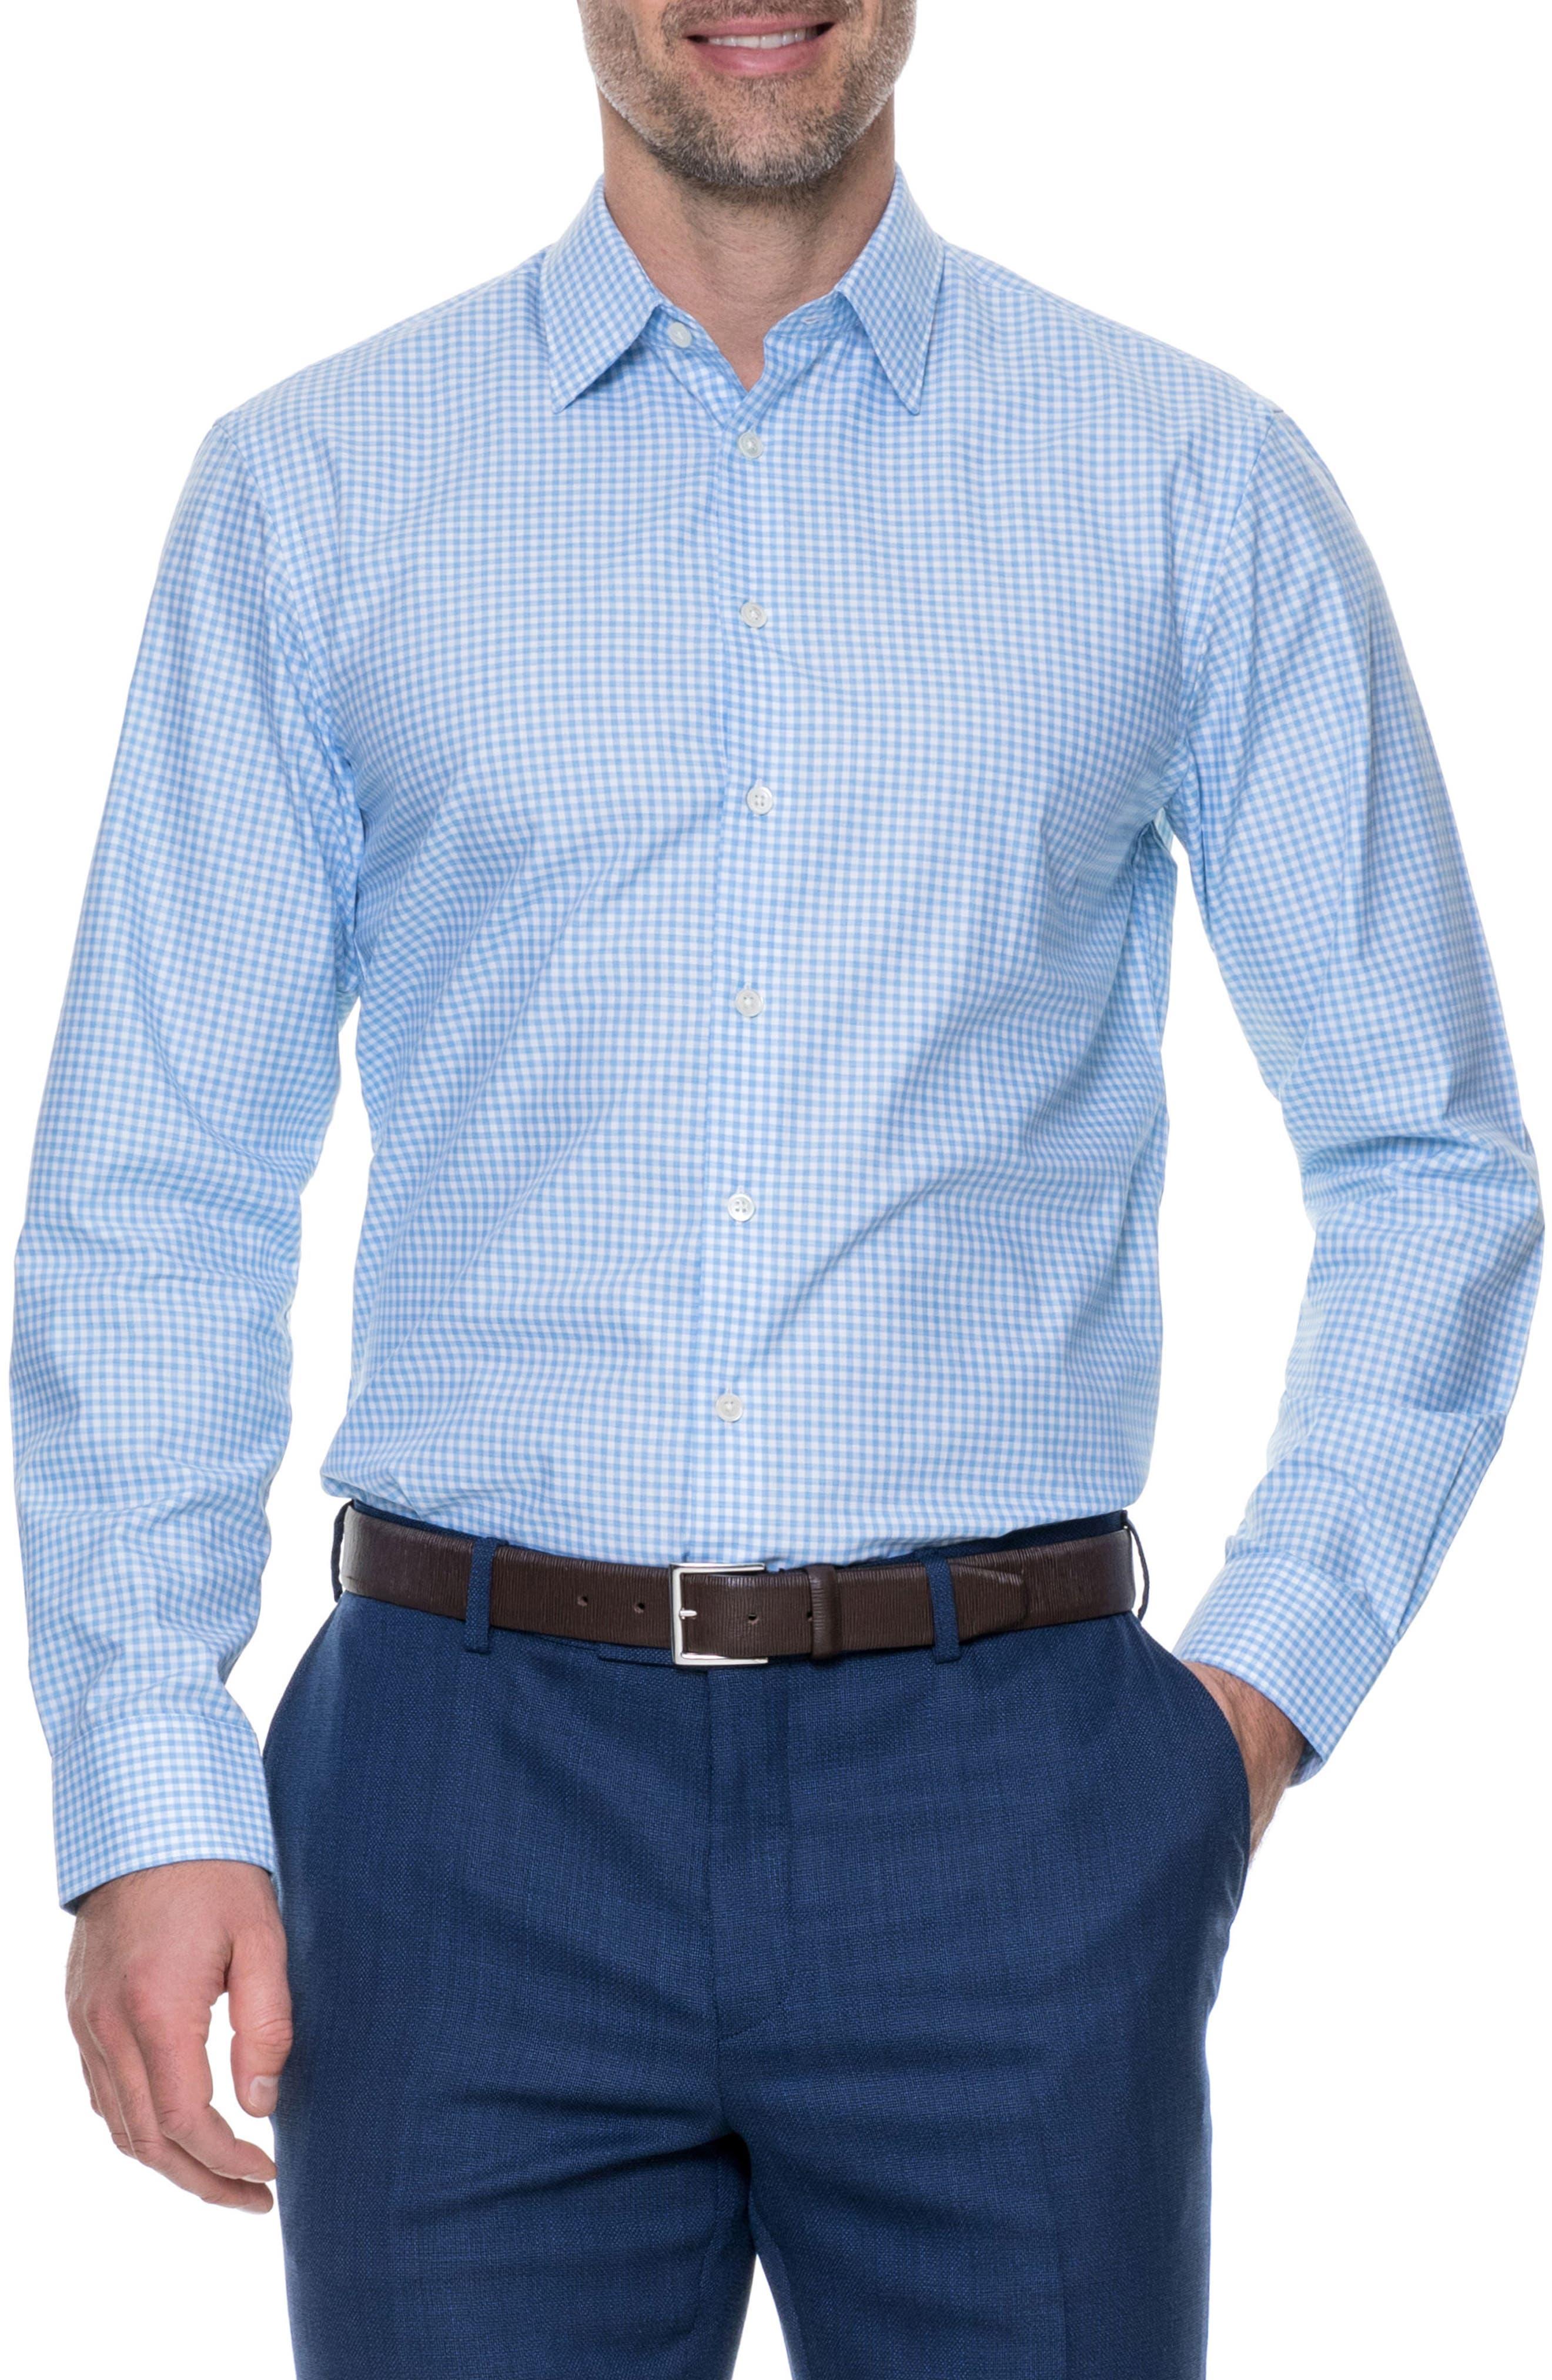 Tudor Slim Fit Check Sport Shirt,                         Main,                         color, Sky